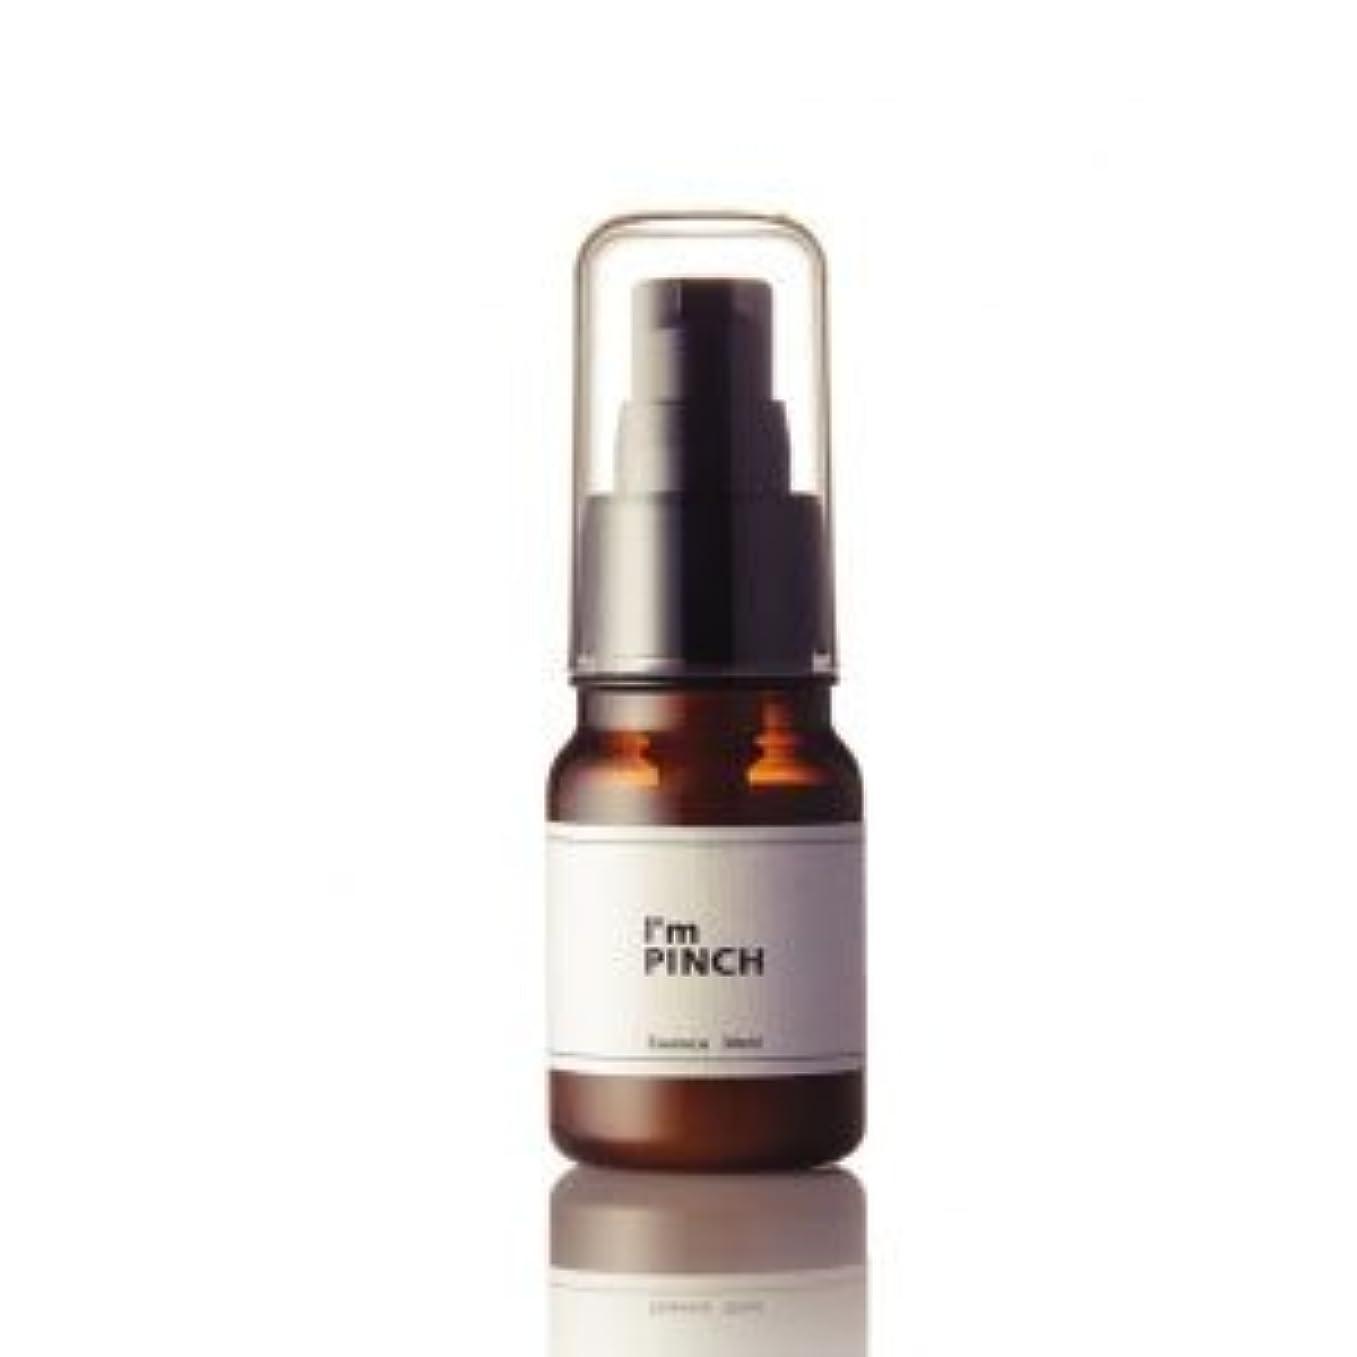 剃るメッセンジャーアラーム乾燥からお肌を救う美容液 I'm PINCH(アイムピンチ)10ml